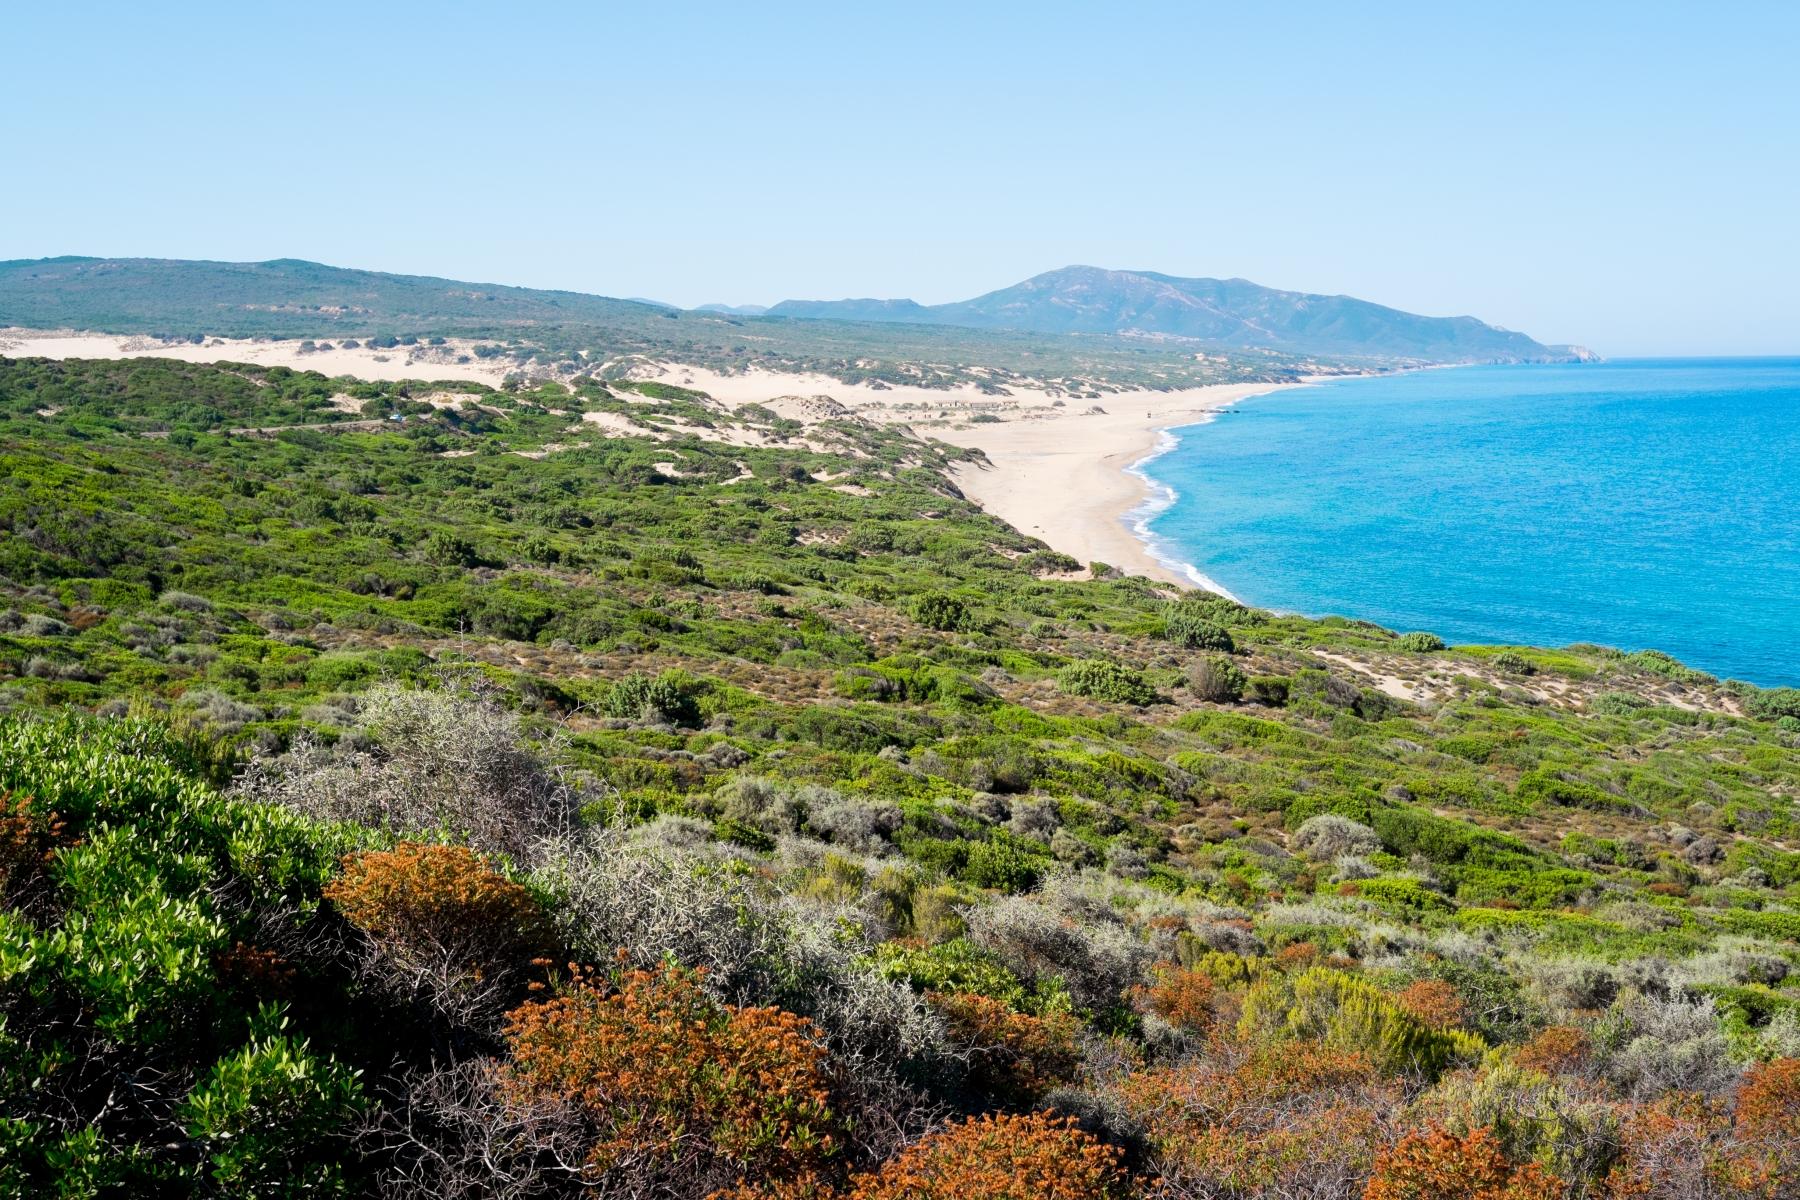 Settembre al mare in Sardegna, paradiso per famiglie e coppie anche in bassa stagione